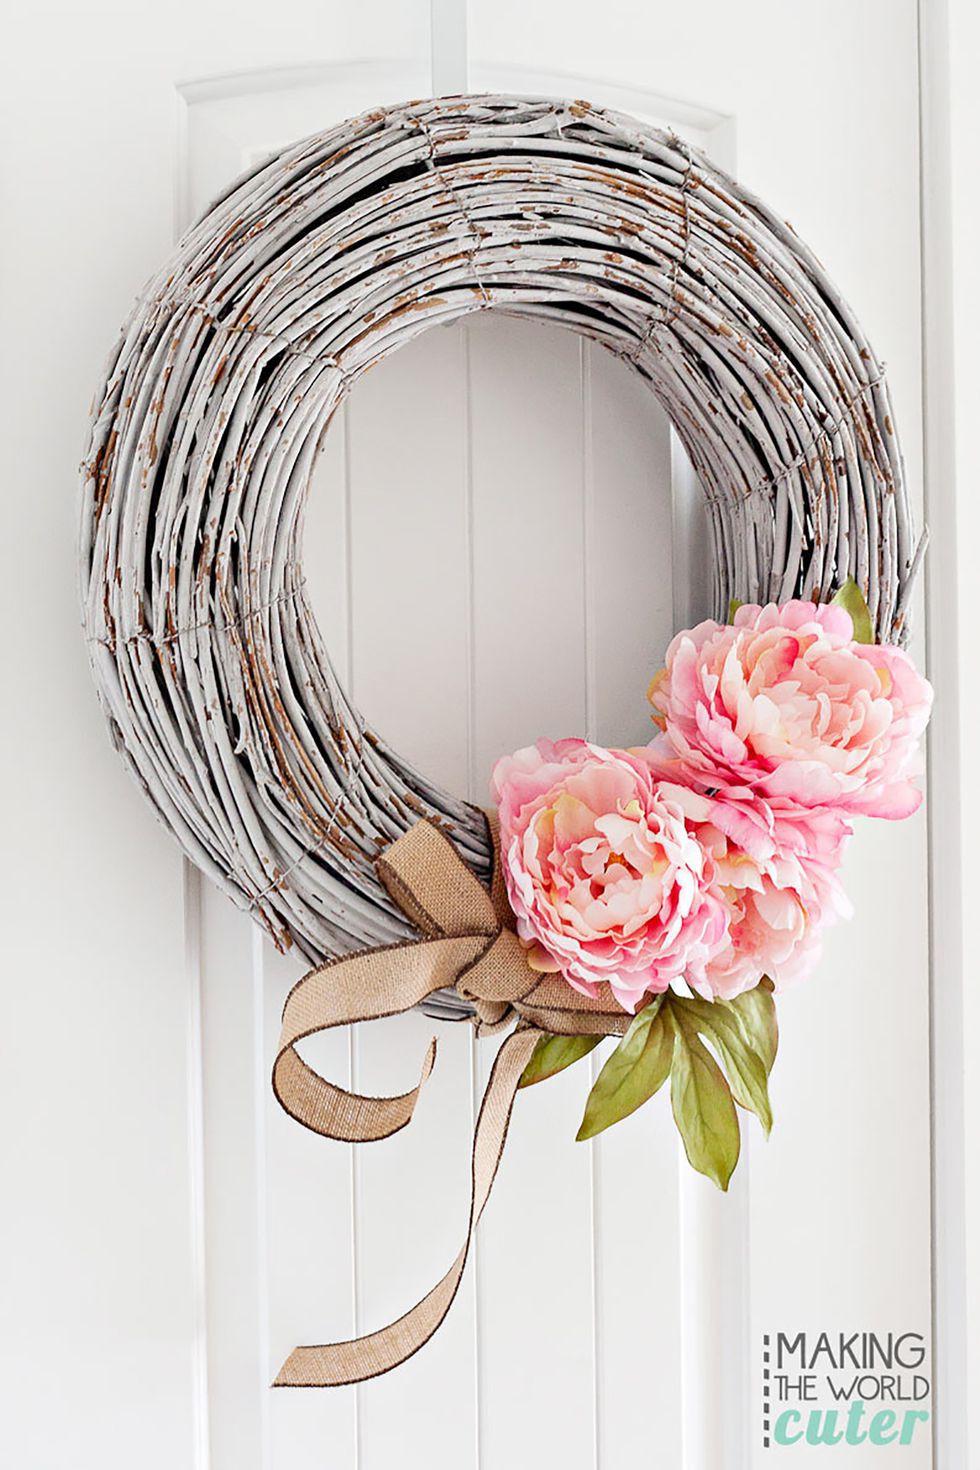 món đồ xinh xắn trang trí trước cửa nhà